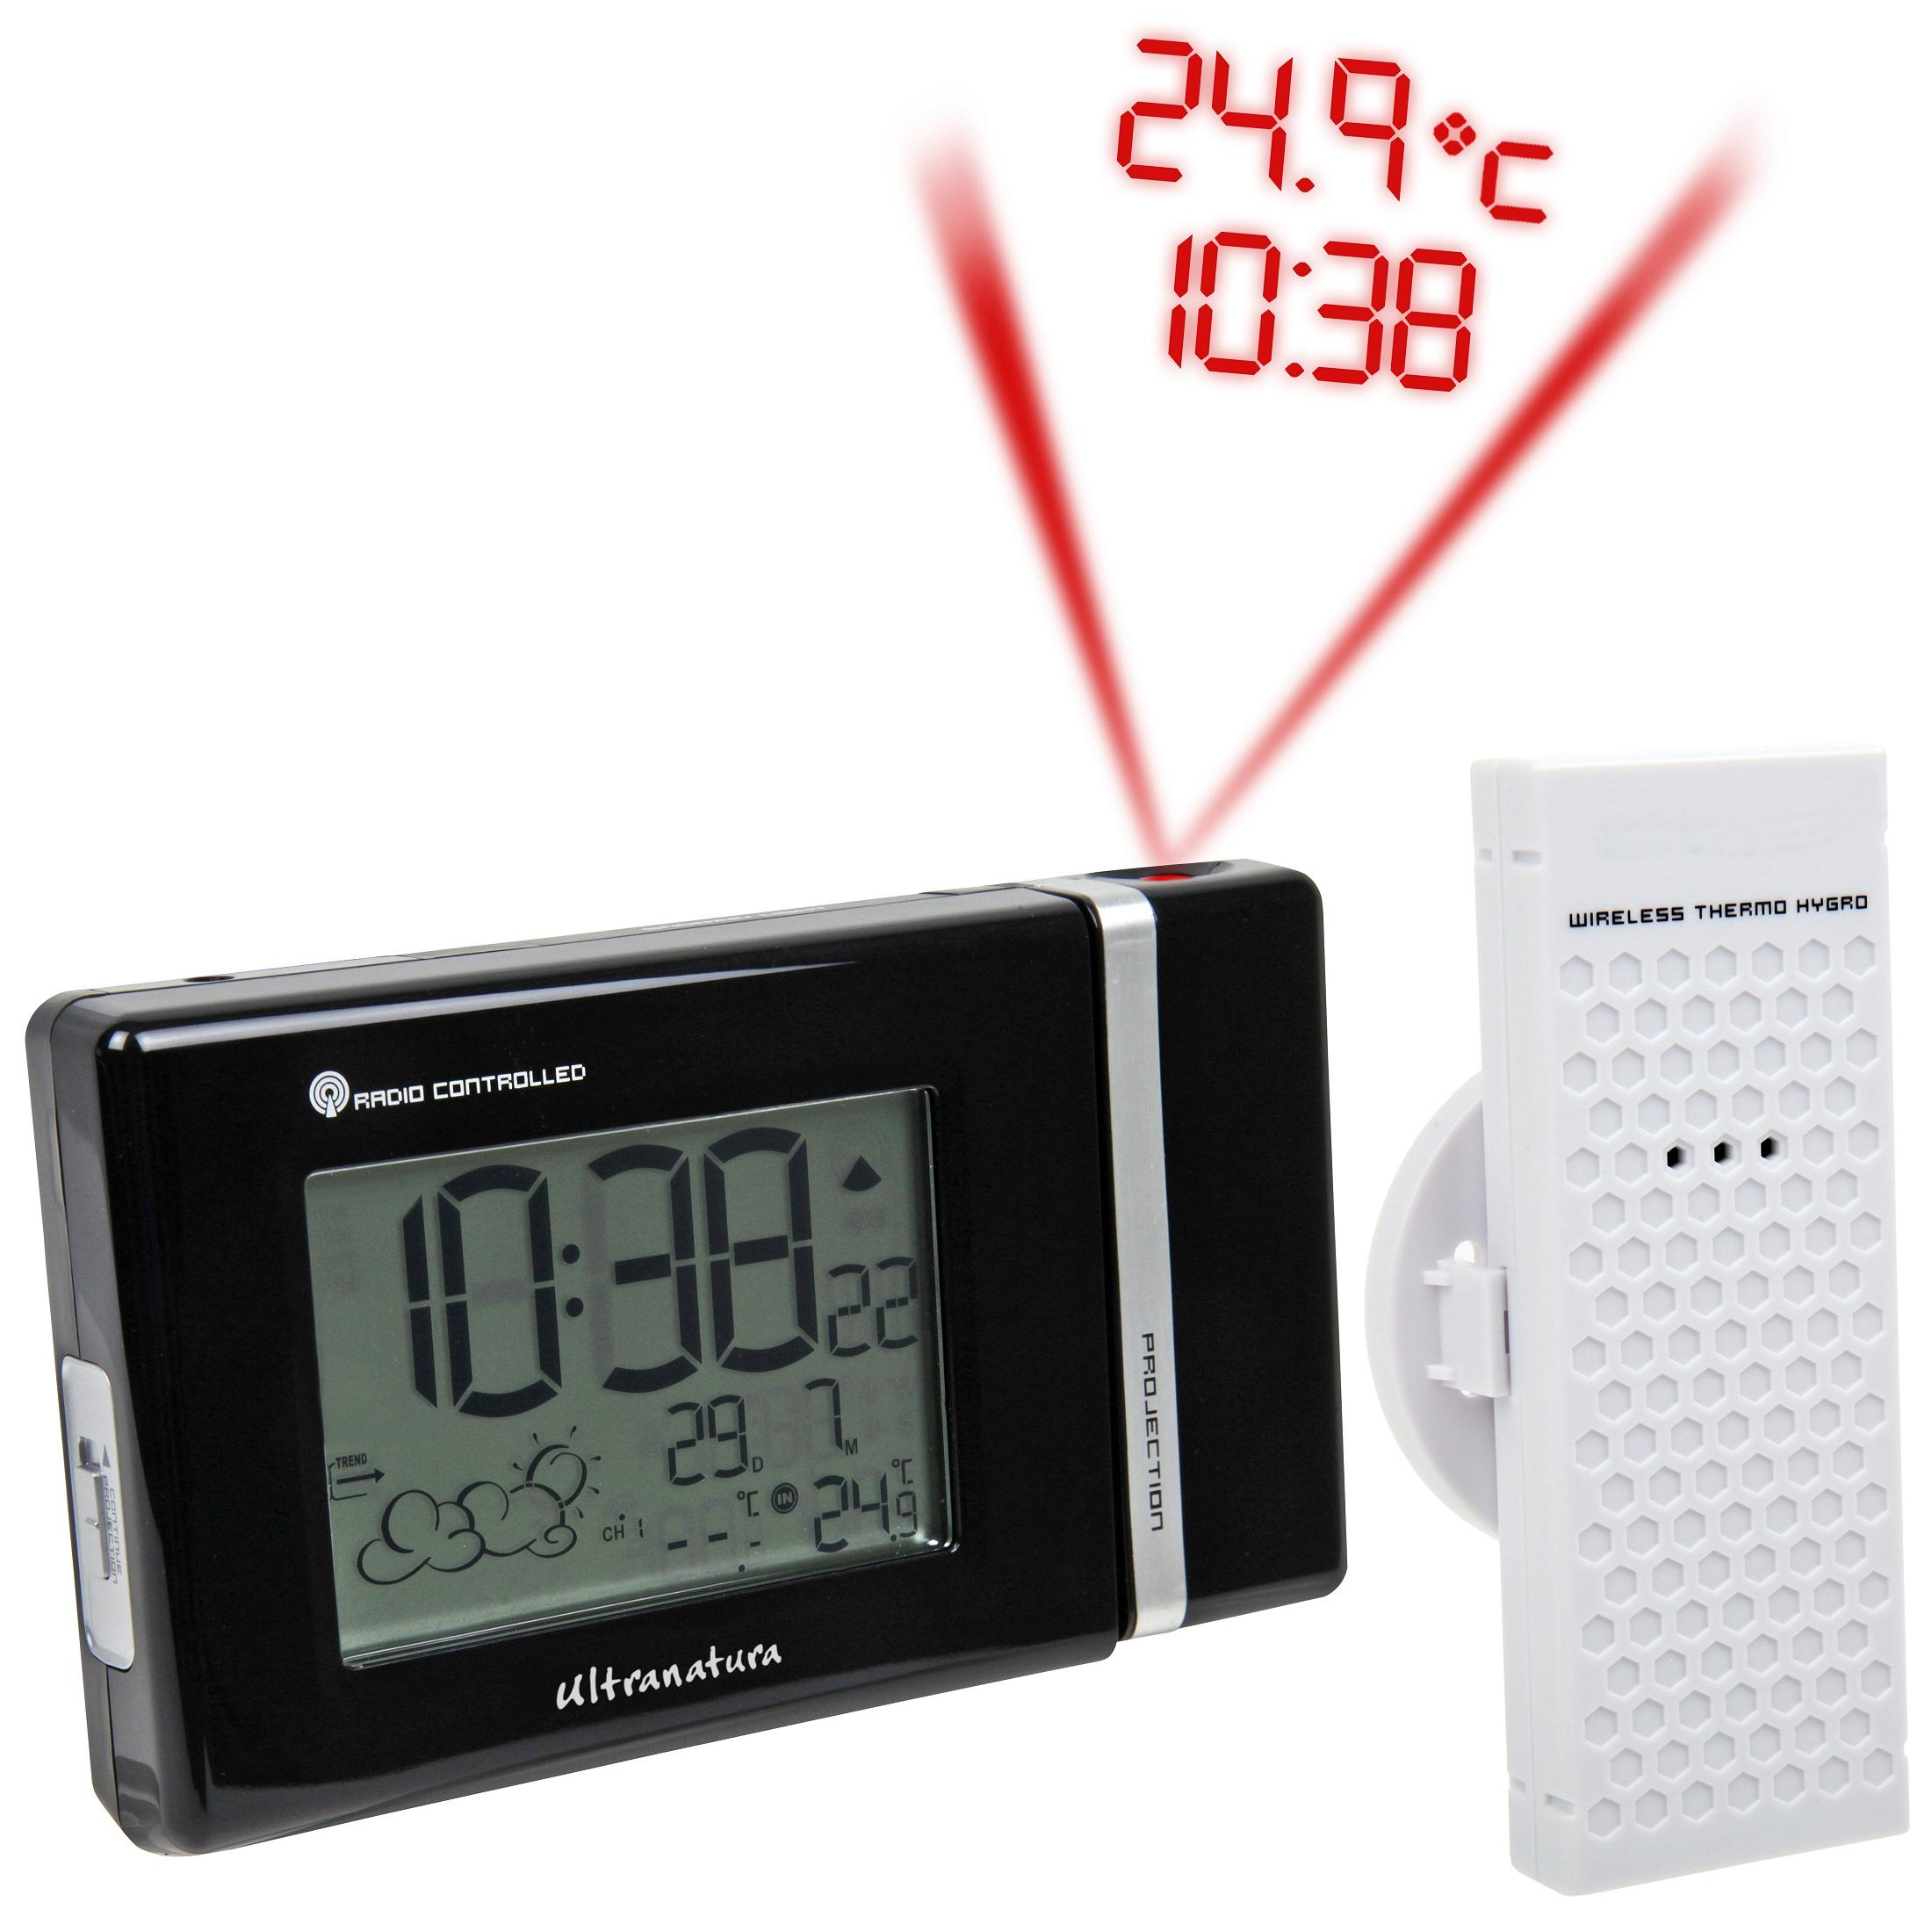 Ultranatura UN 600 - Reloj proyector Digital controlado por Radio con previsión meteorológica, Sensor Exterior Incluido